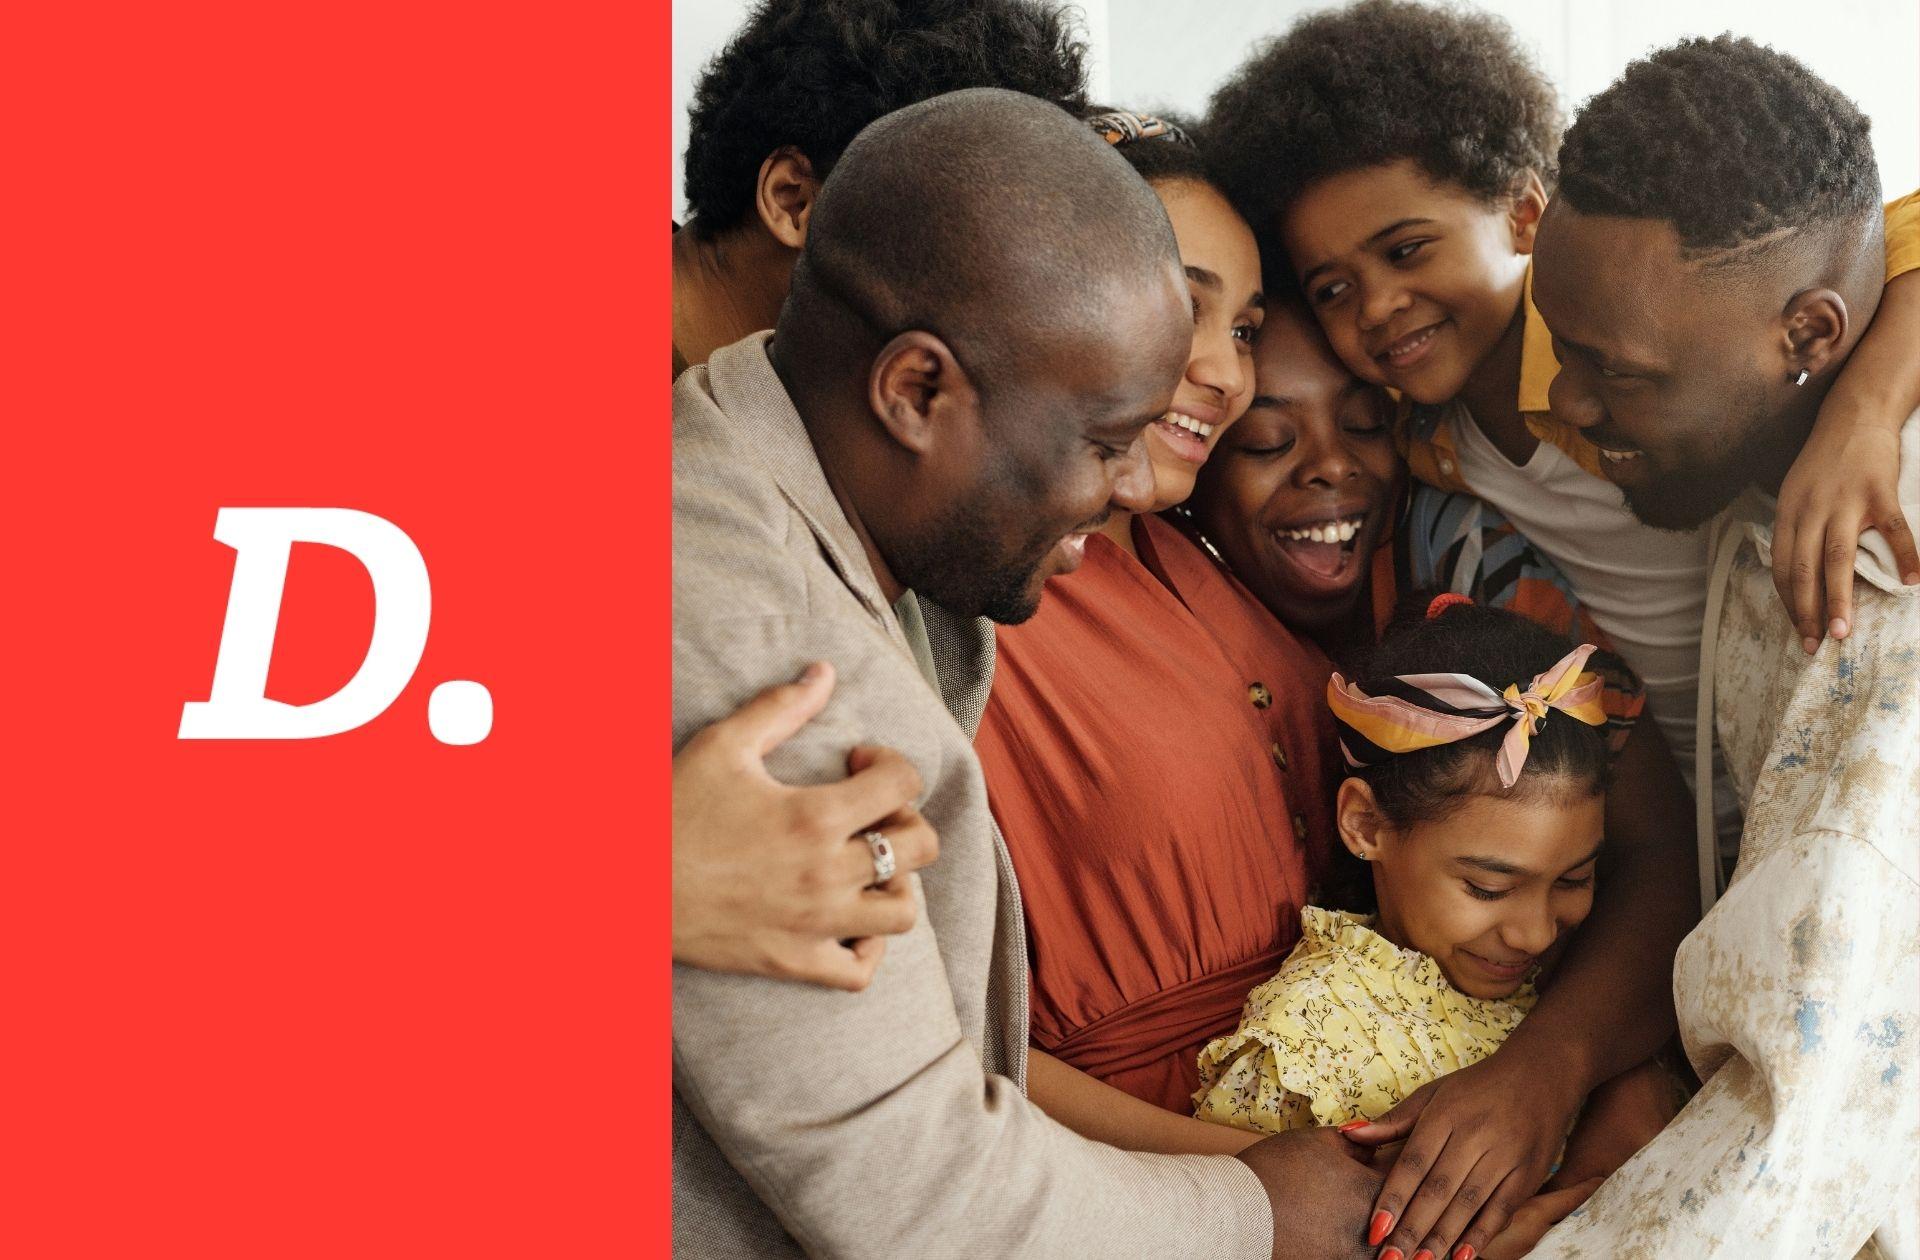 Et si on remplaçait la fête des mères et des pères par la fête des gens qu'on aime?